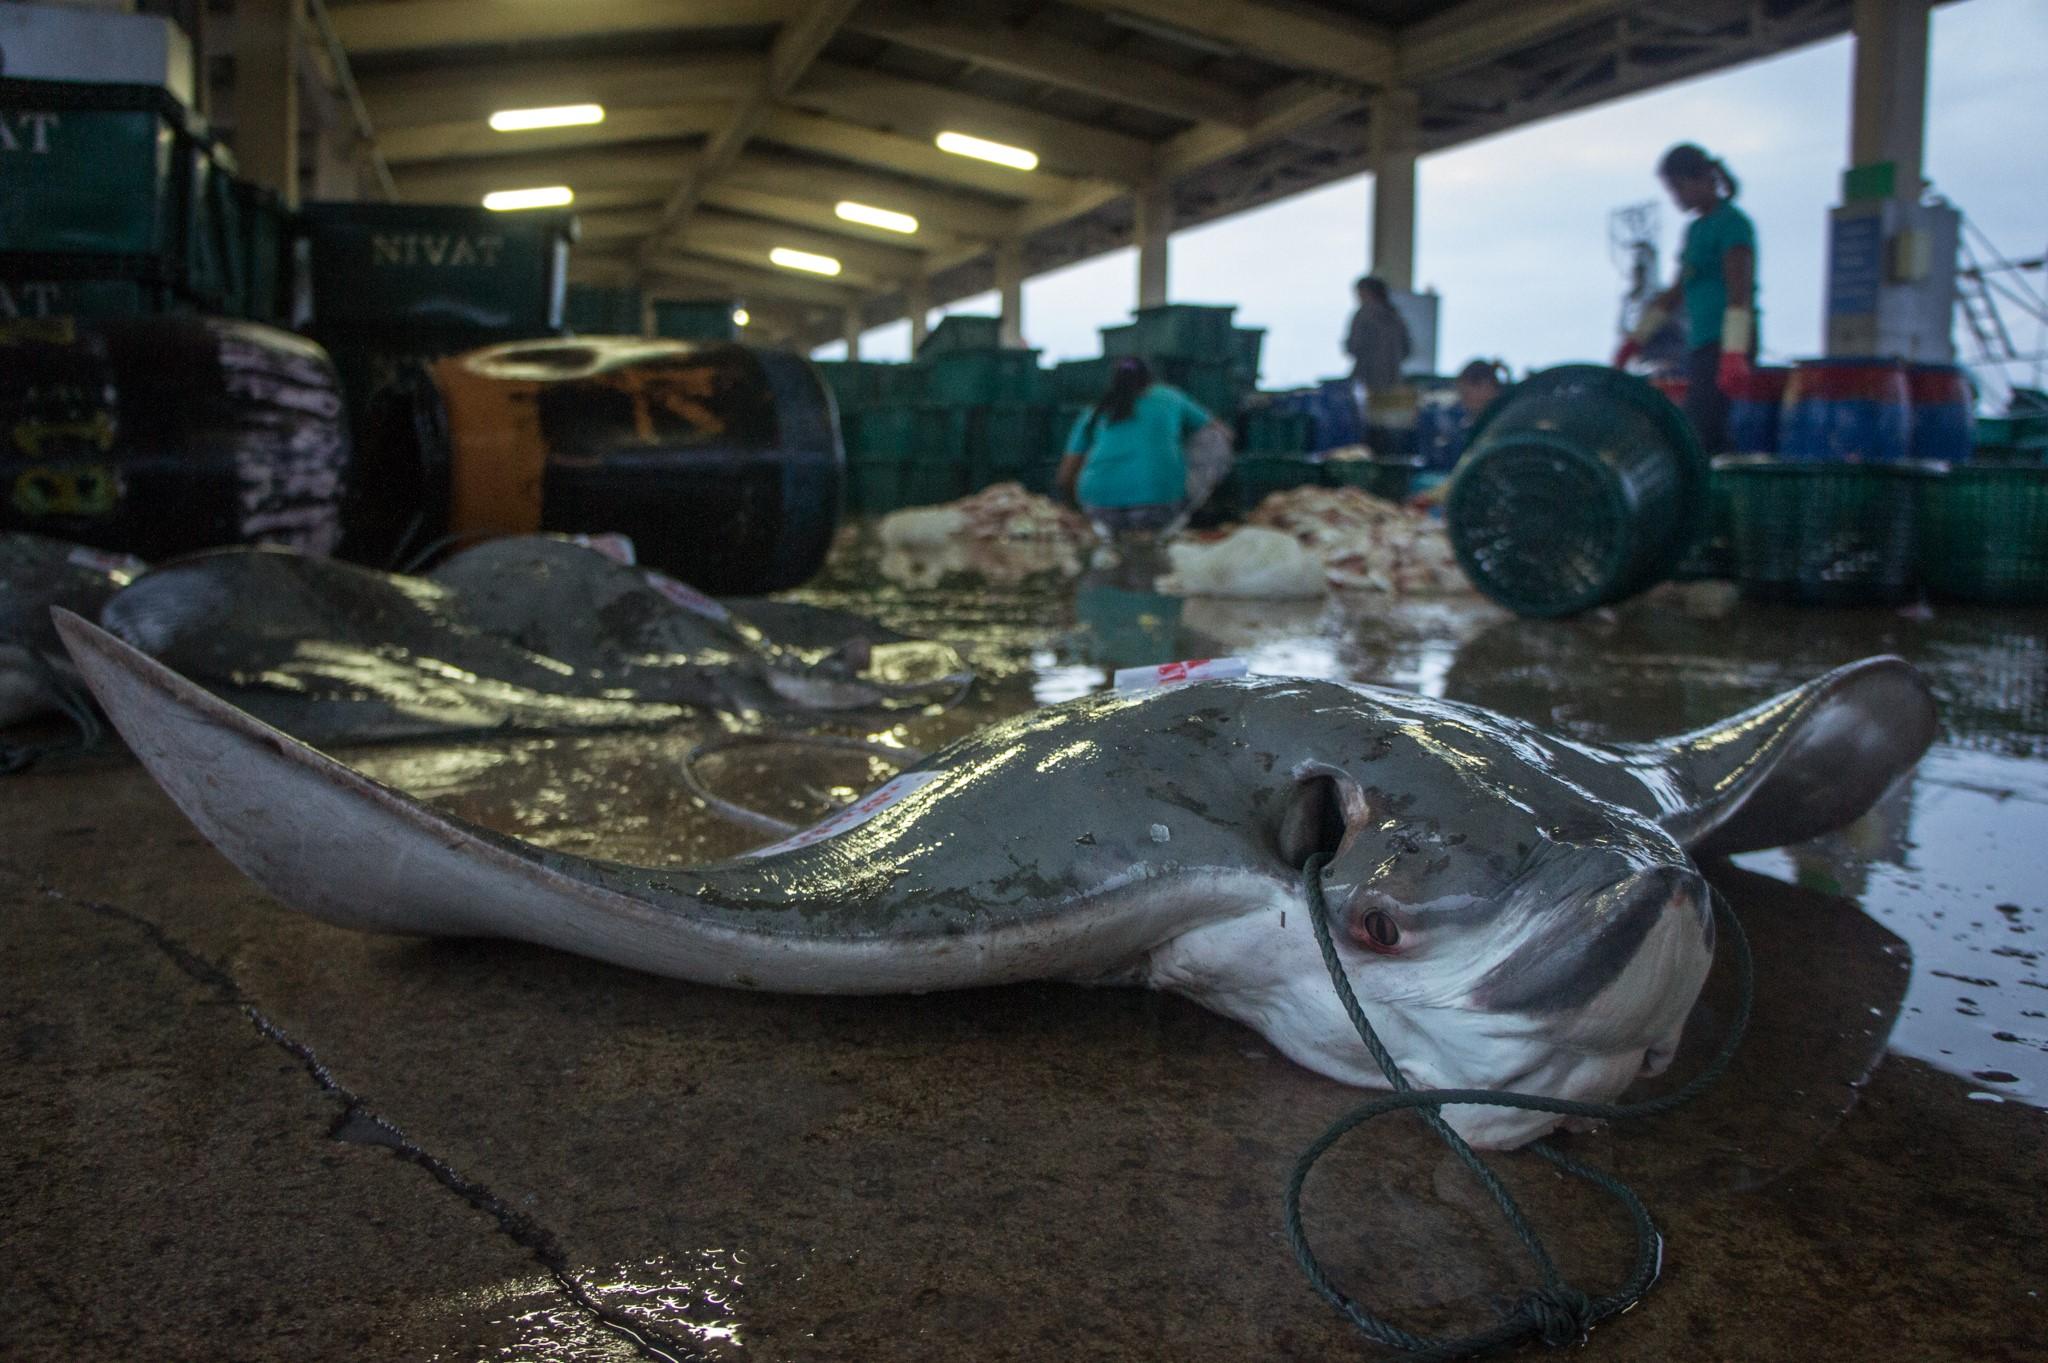 ปลากระเบนนก, สะพานปลา, สะพานปลาภูเก็ต, ขายปลากระเบน, ปลากระเบน